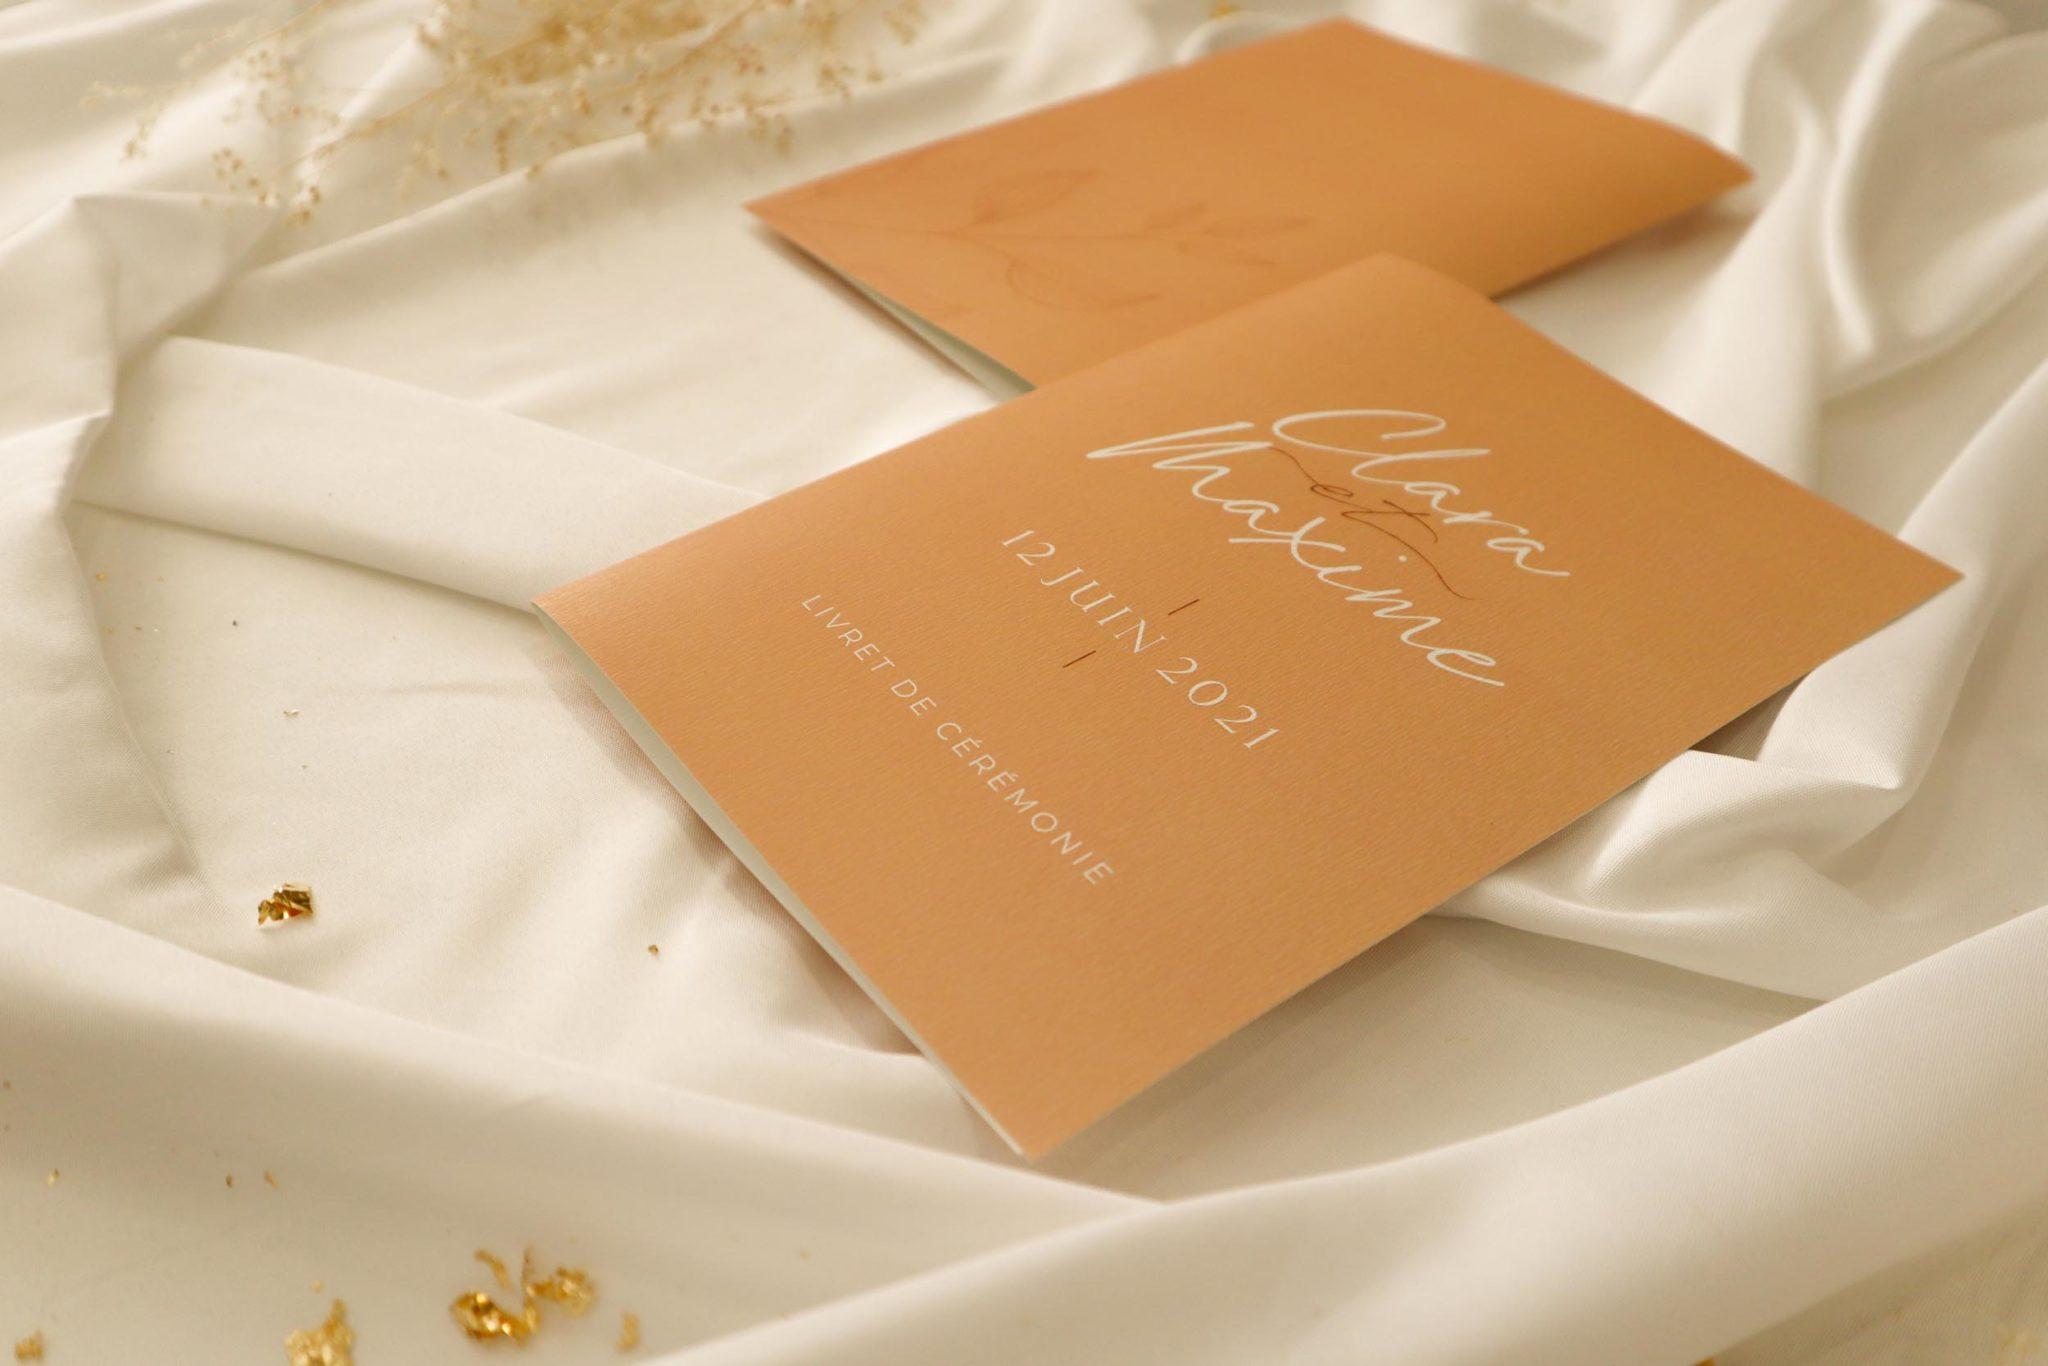 Livret de cérémonie mariage terre de sienne terracotta marron nature boheme beige or